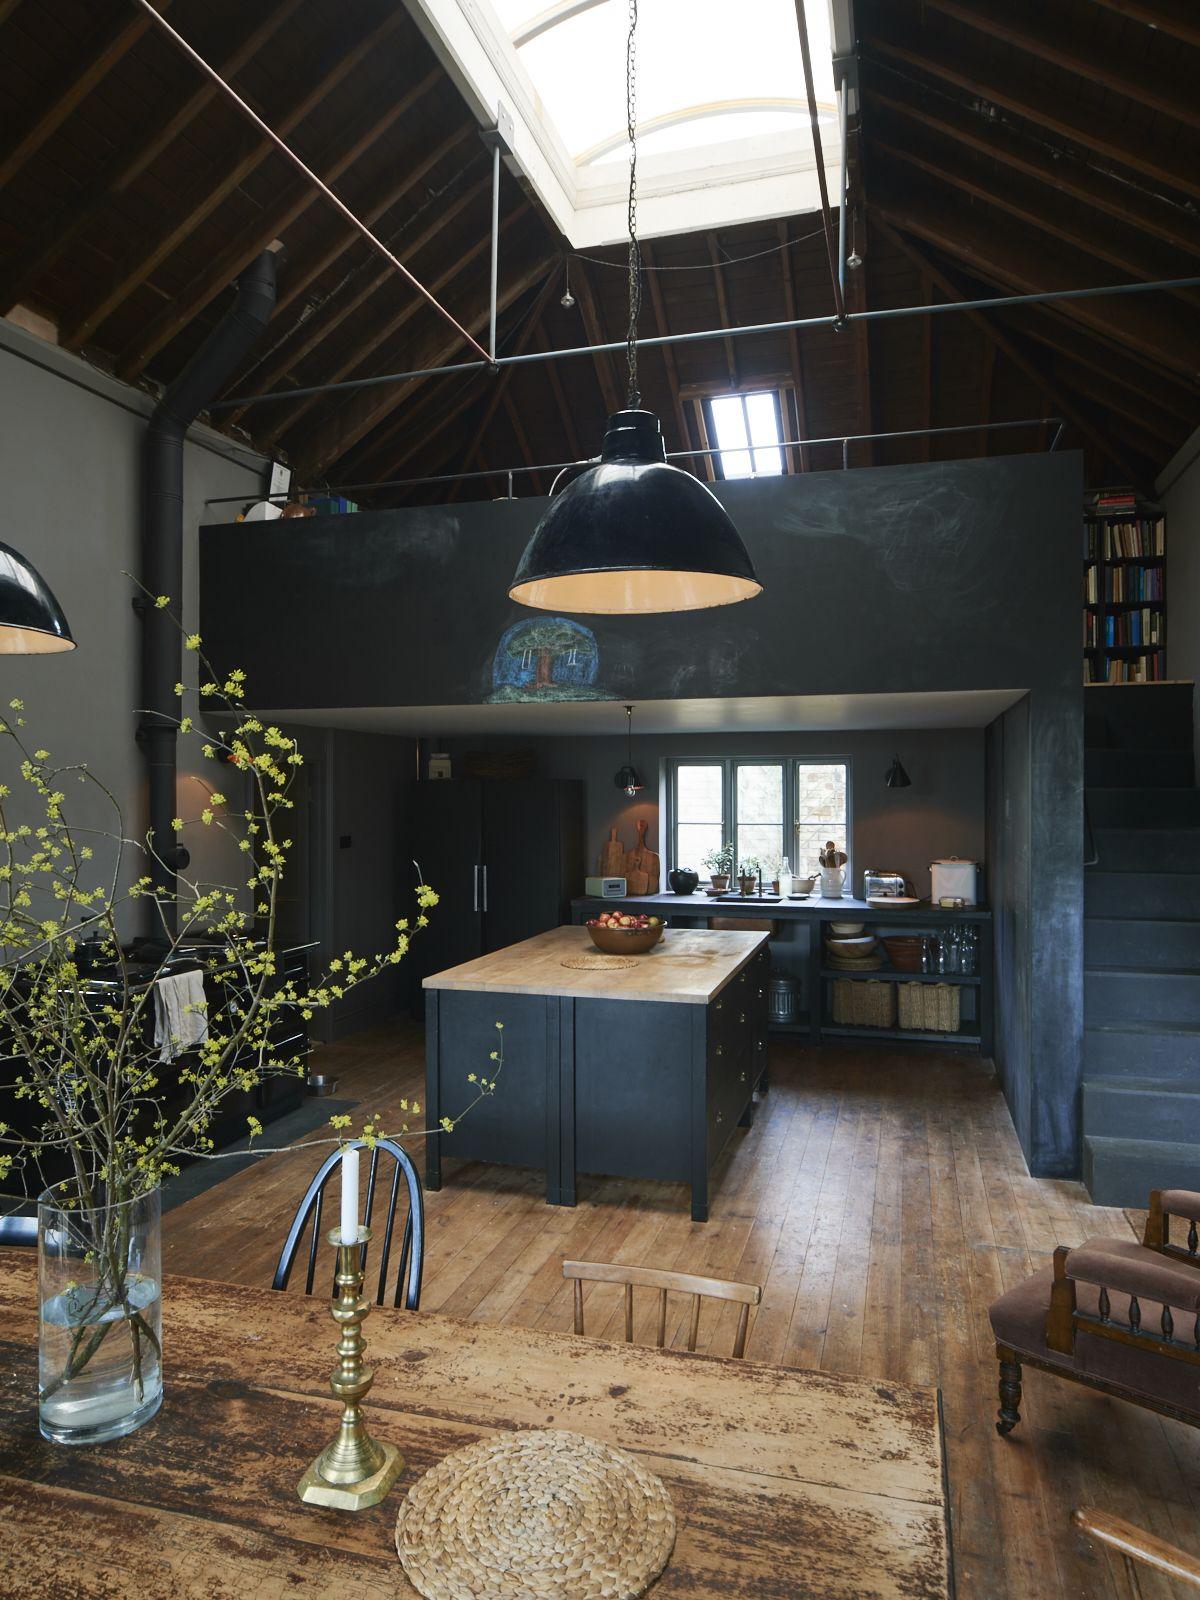 Küche - Treppe Küchenblock | Küchendesign | Pinterest | Küchenblock ...